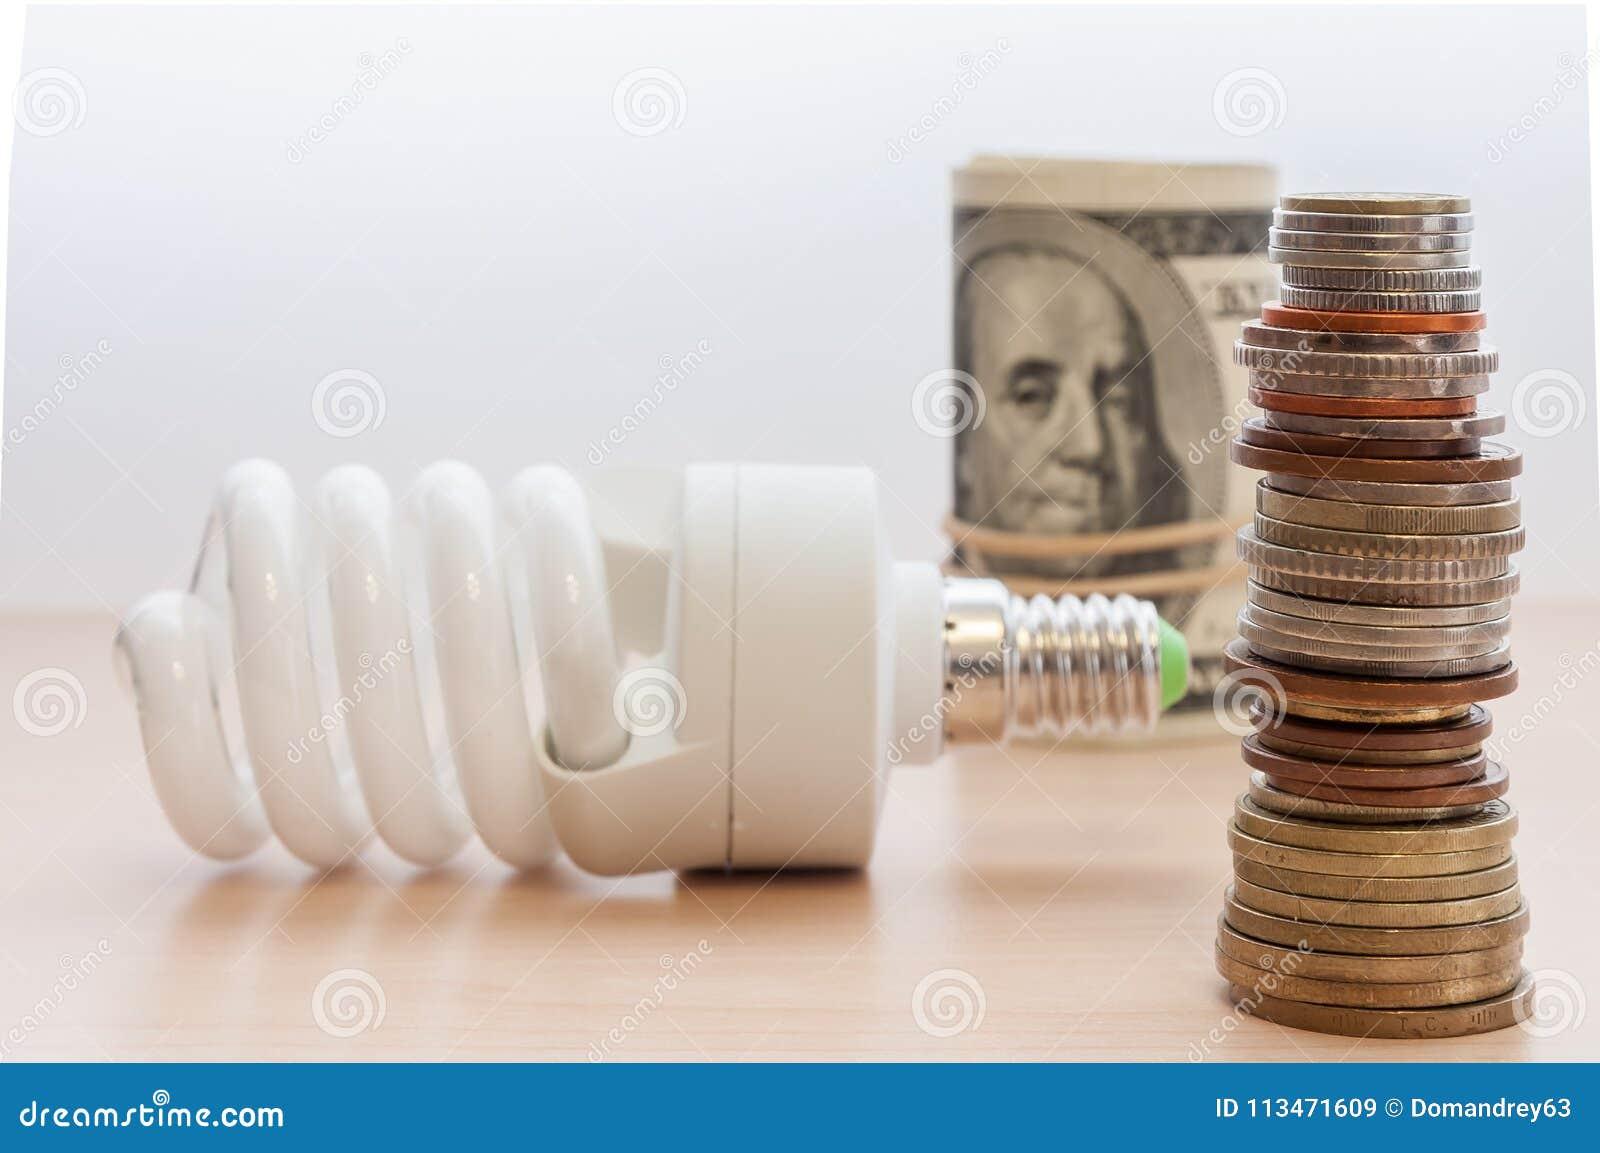 En ljus kula, en hög bunt av mynt av olika länder och värdigheter och räkningar vek in i en packe